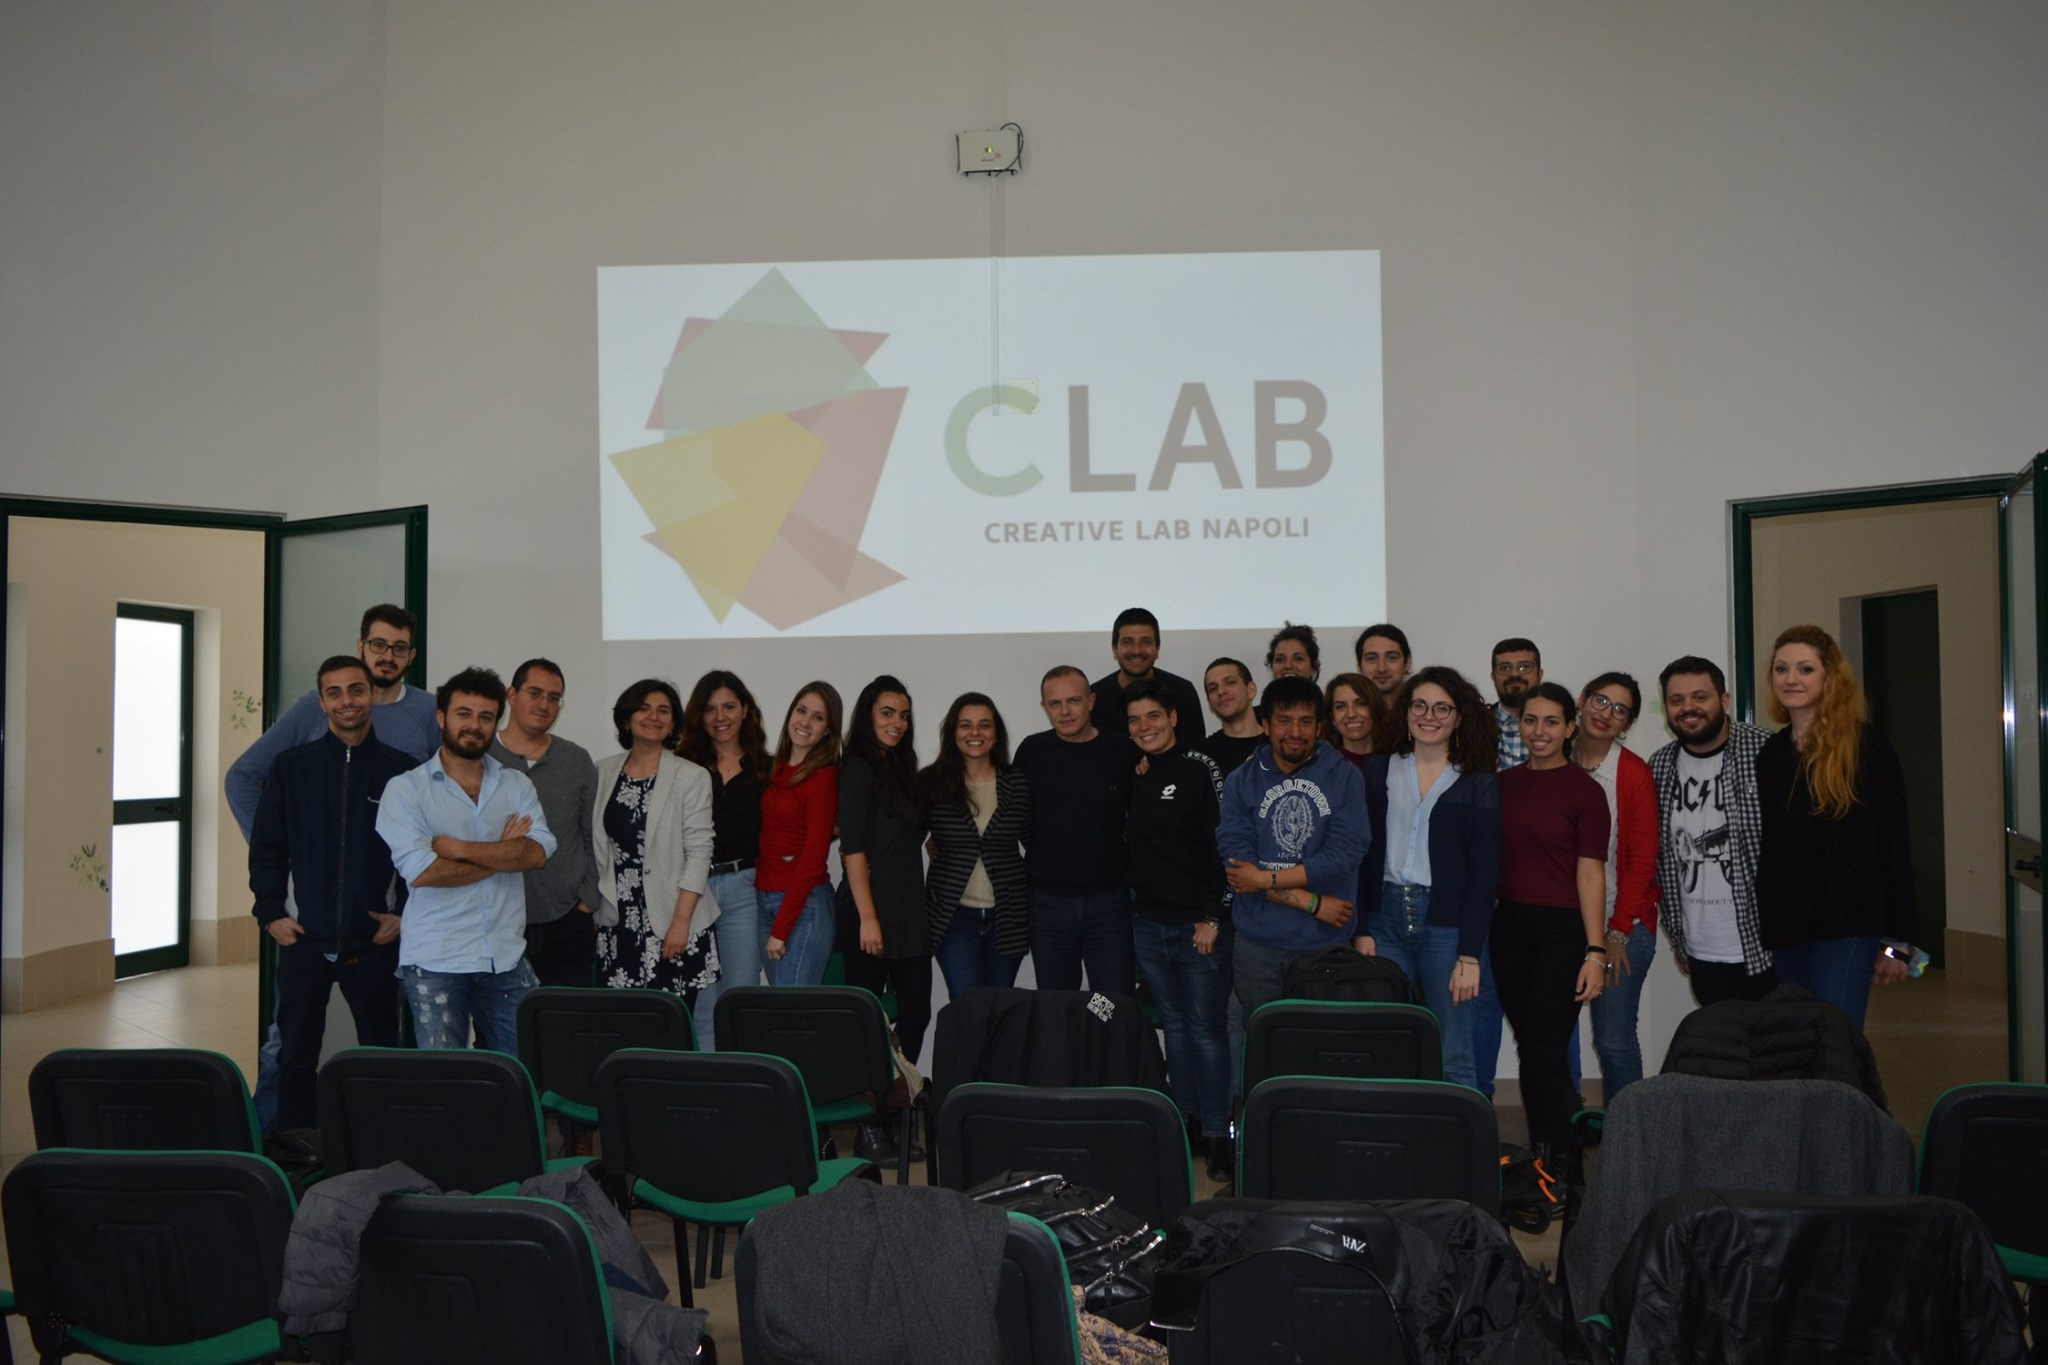 Manca poco, non perdere questa occasione.Scade il 07 gennaio 2020 il bando di selezione per partecipare alla seconda edizione del corso di formazione gratuito Creative Lab Napoli rivolto a giovani [...]